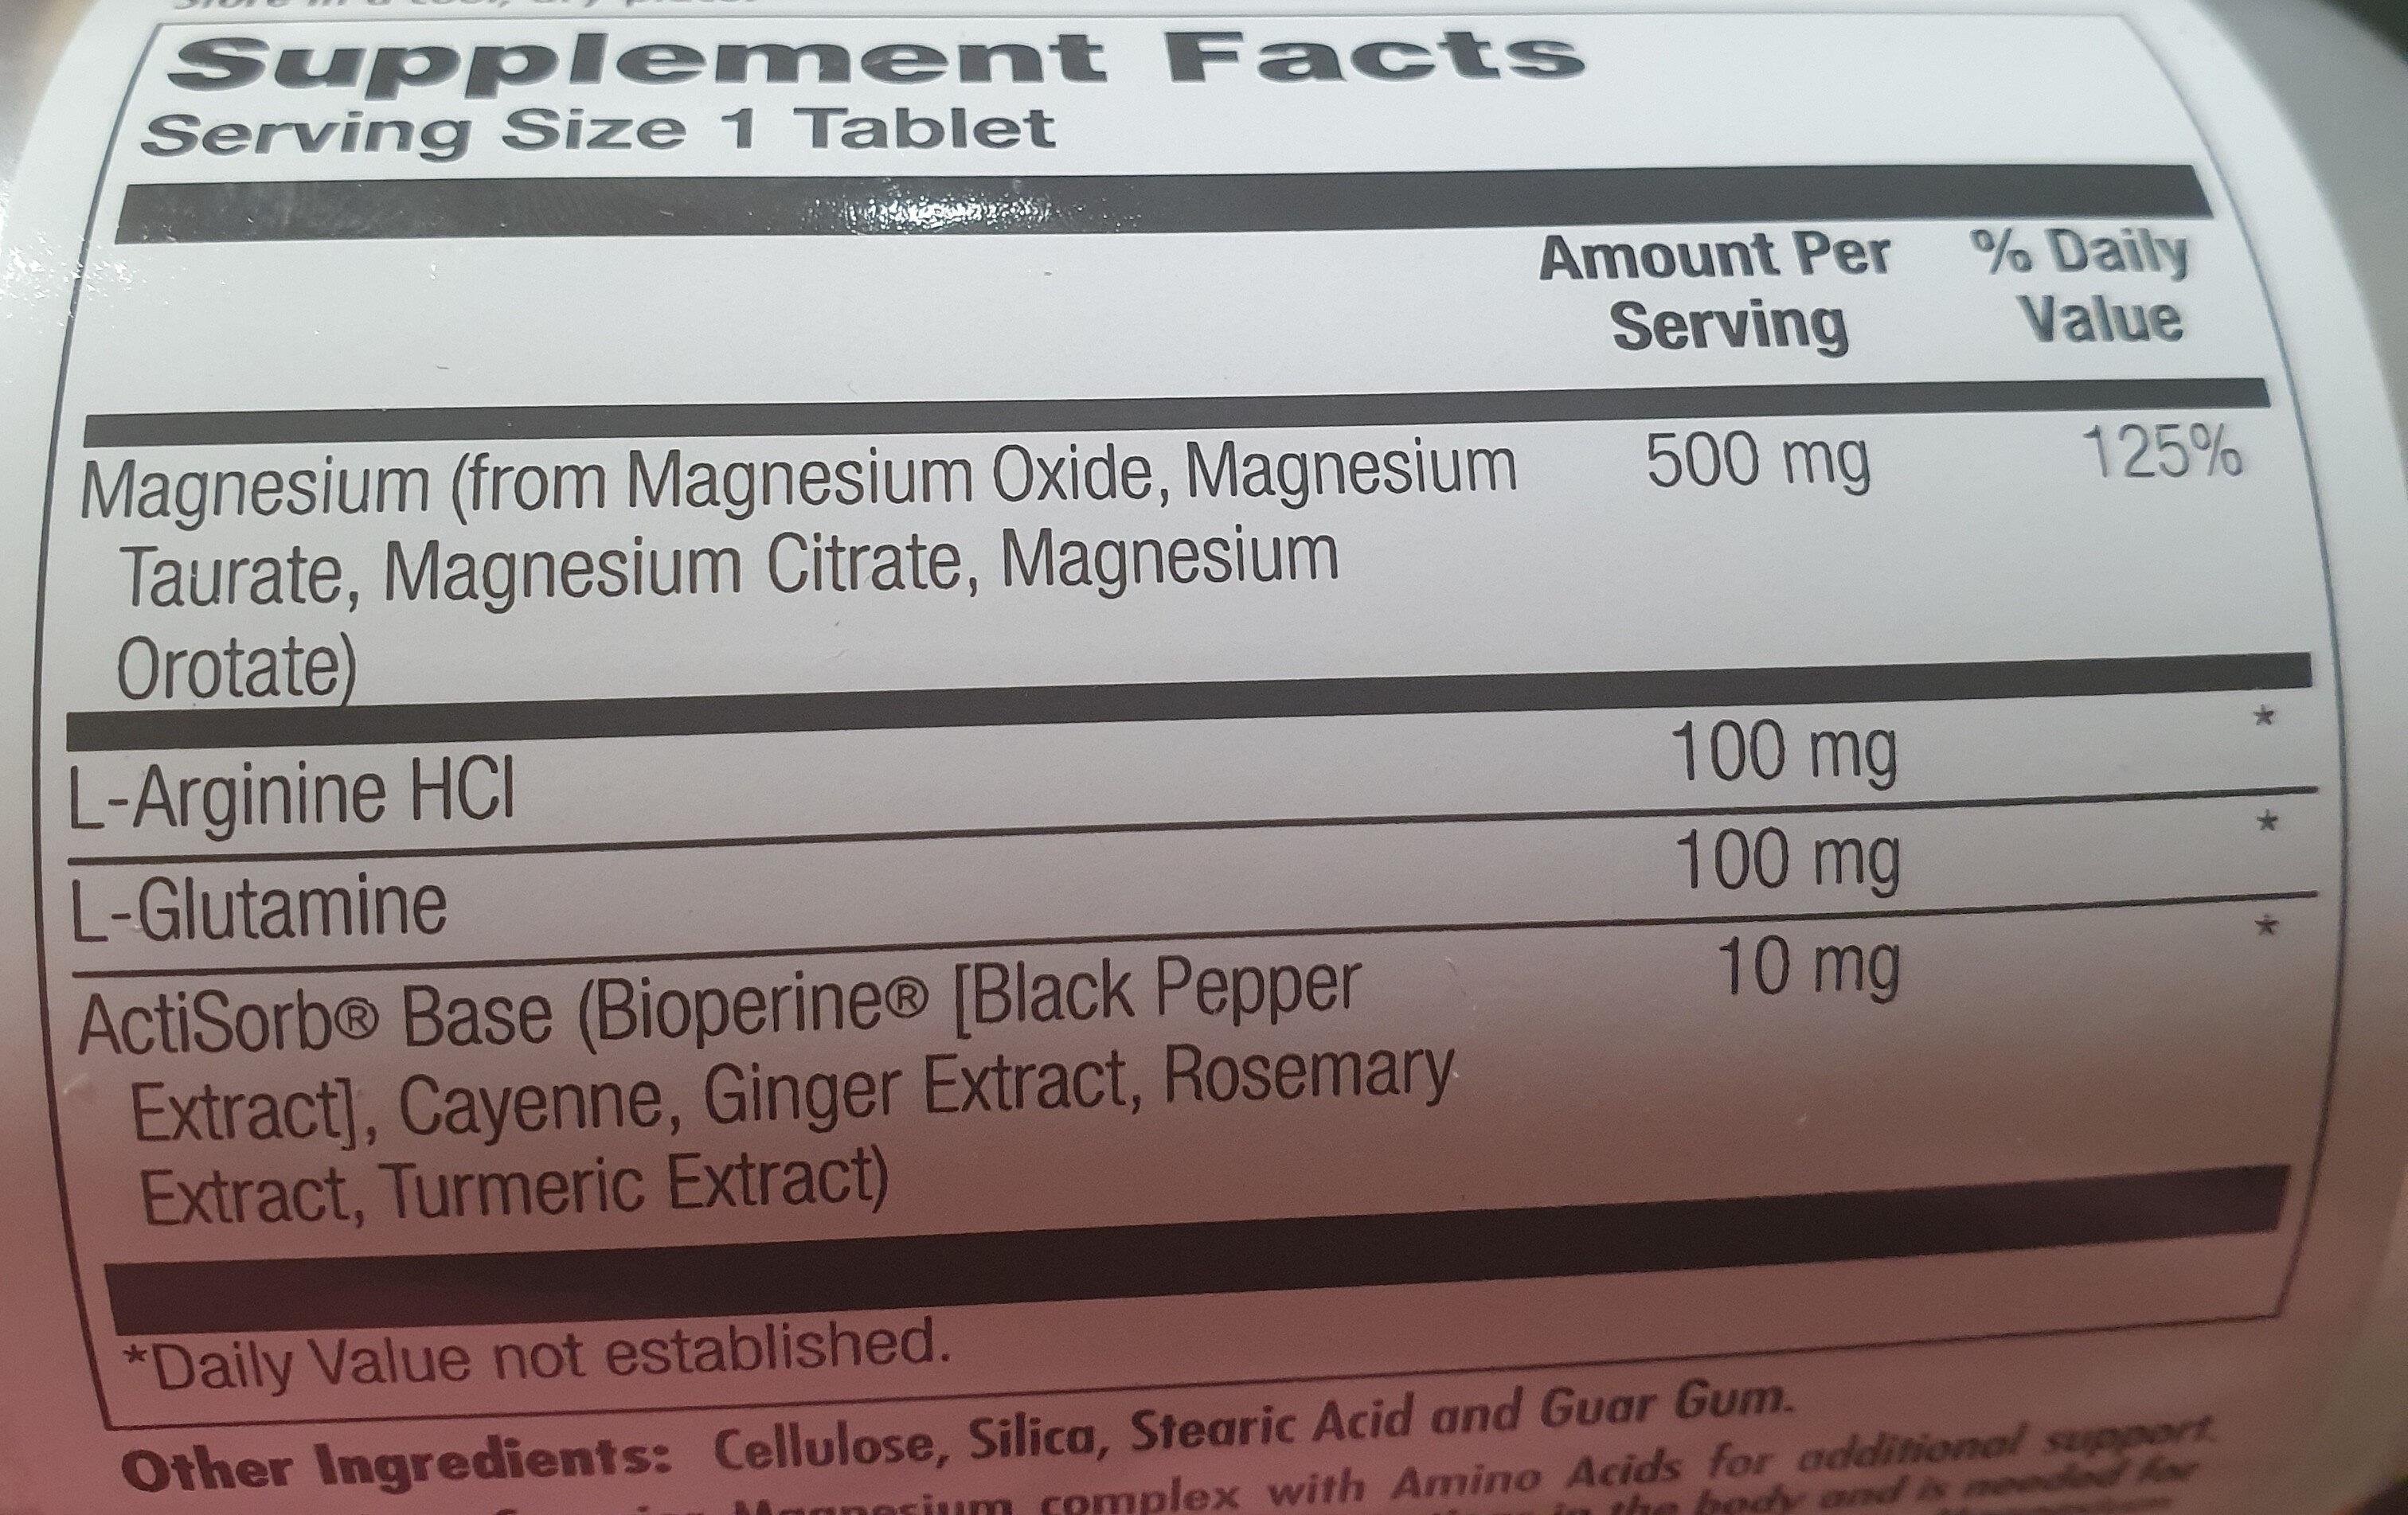 Magnesium 500mg - Ingrédients